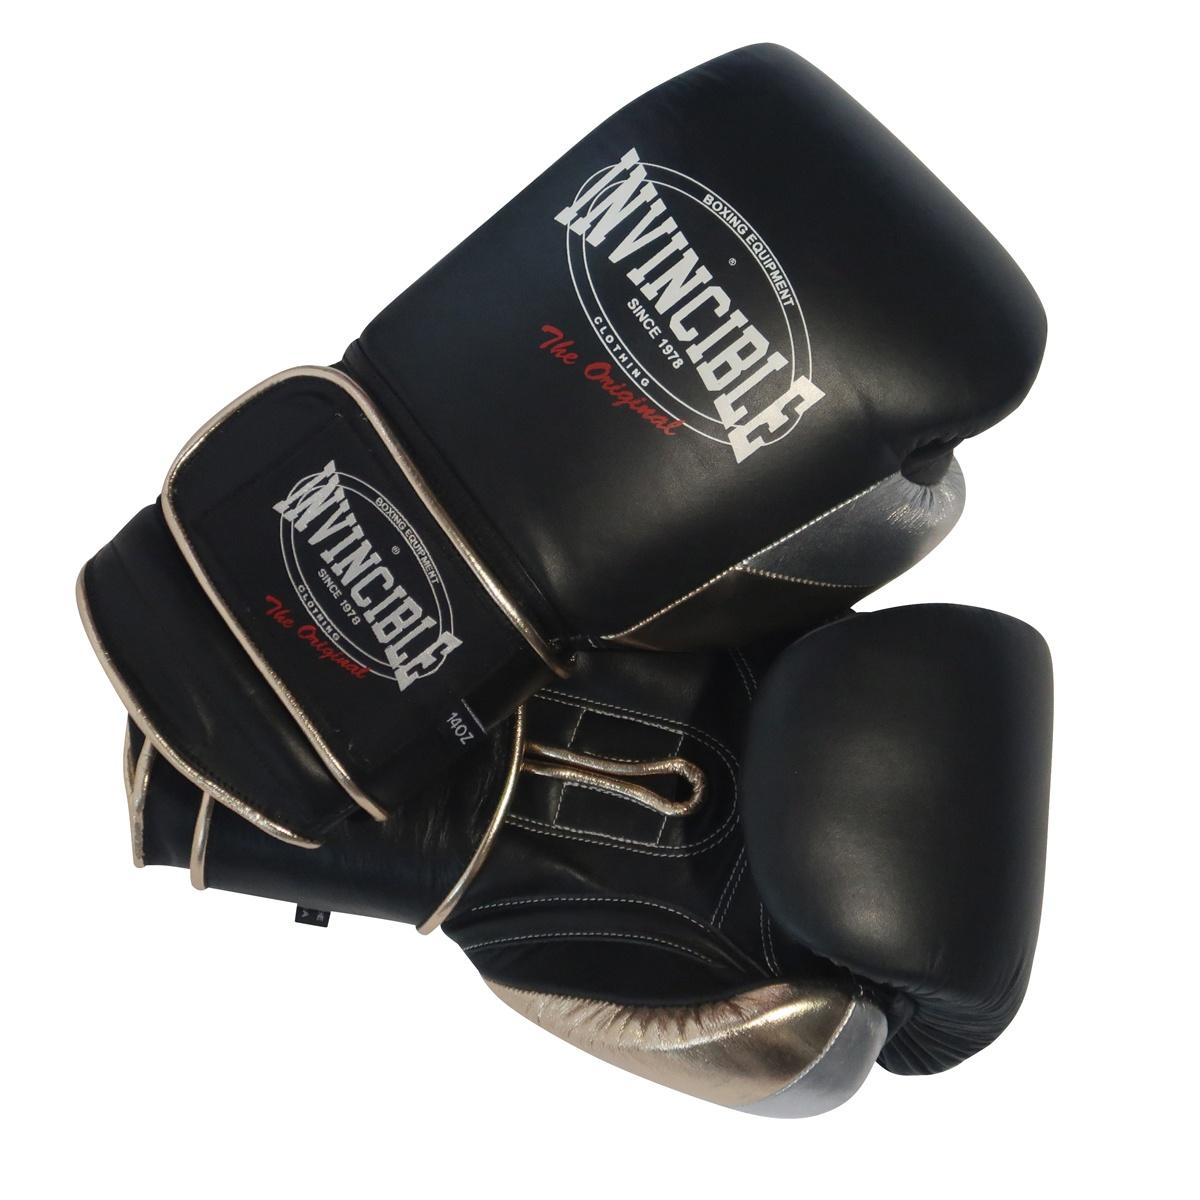 invincible-zwart-bokshandschoenen